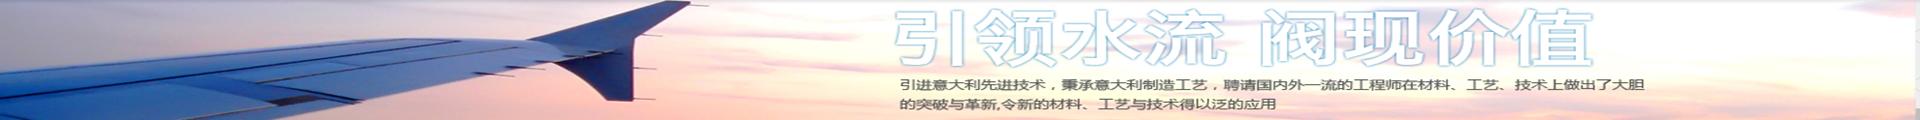 上海弗雷西閥門有限公司